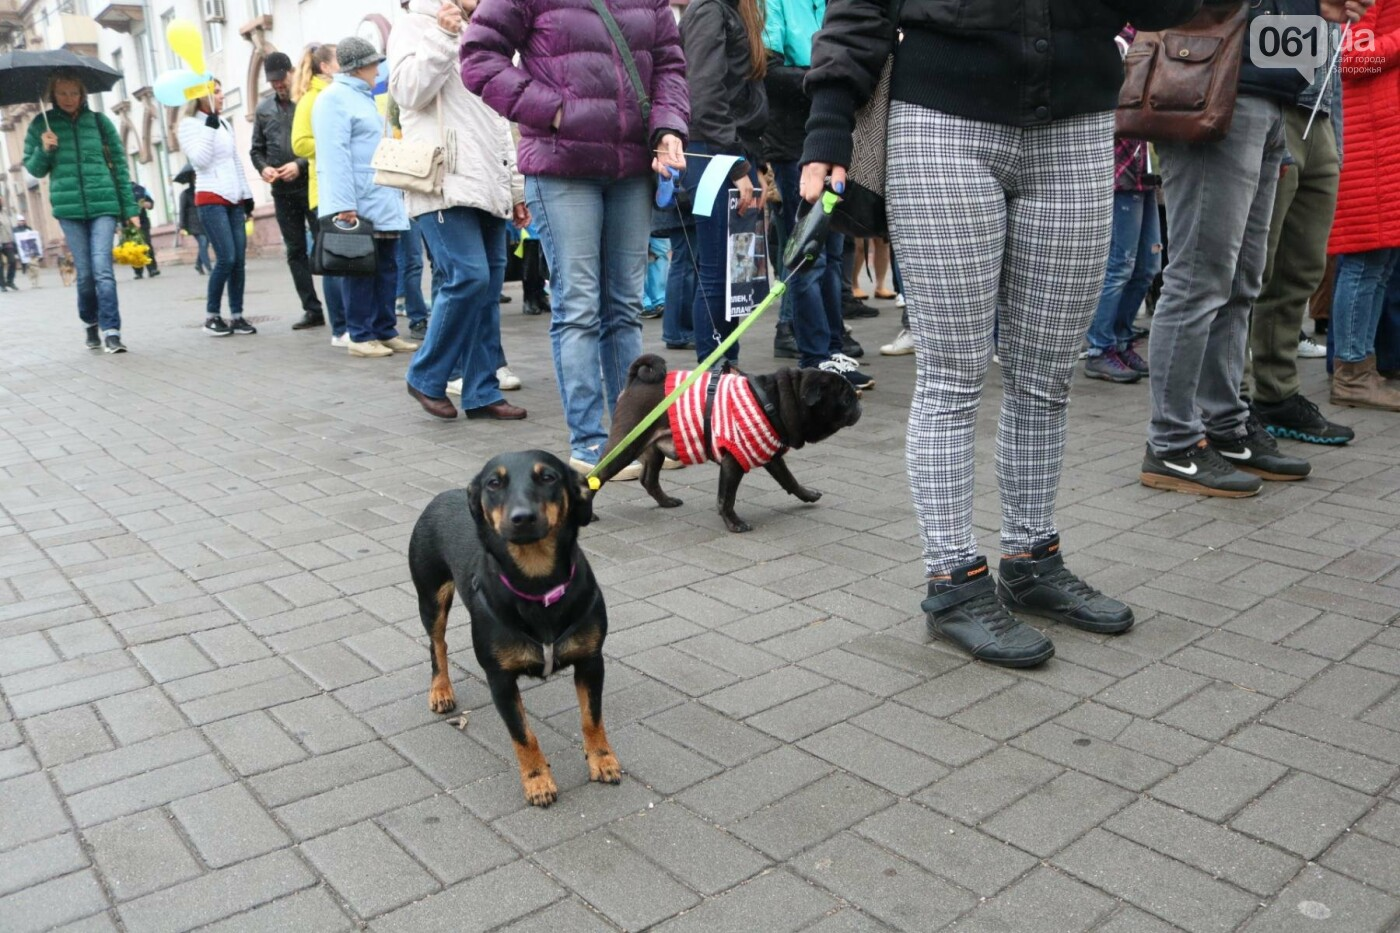 В Запорожье прошел марш за права животных, - ФОТОРЕПОРТАЖ, фото-25